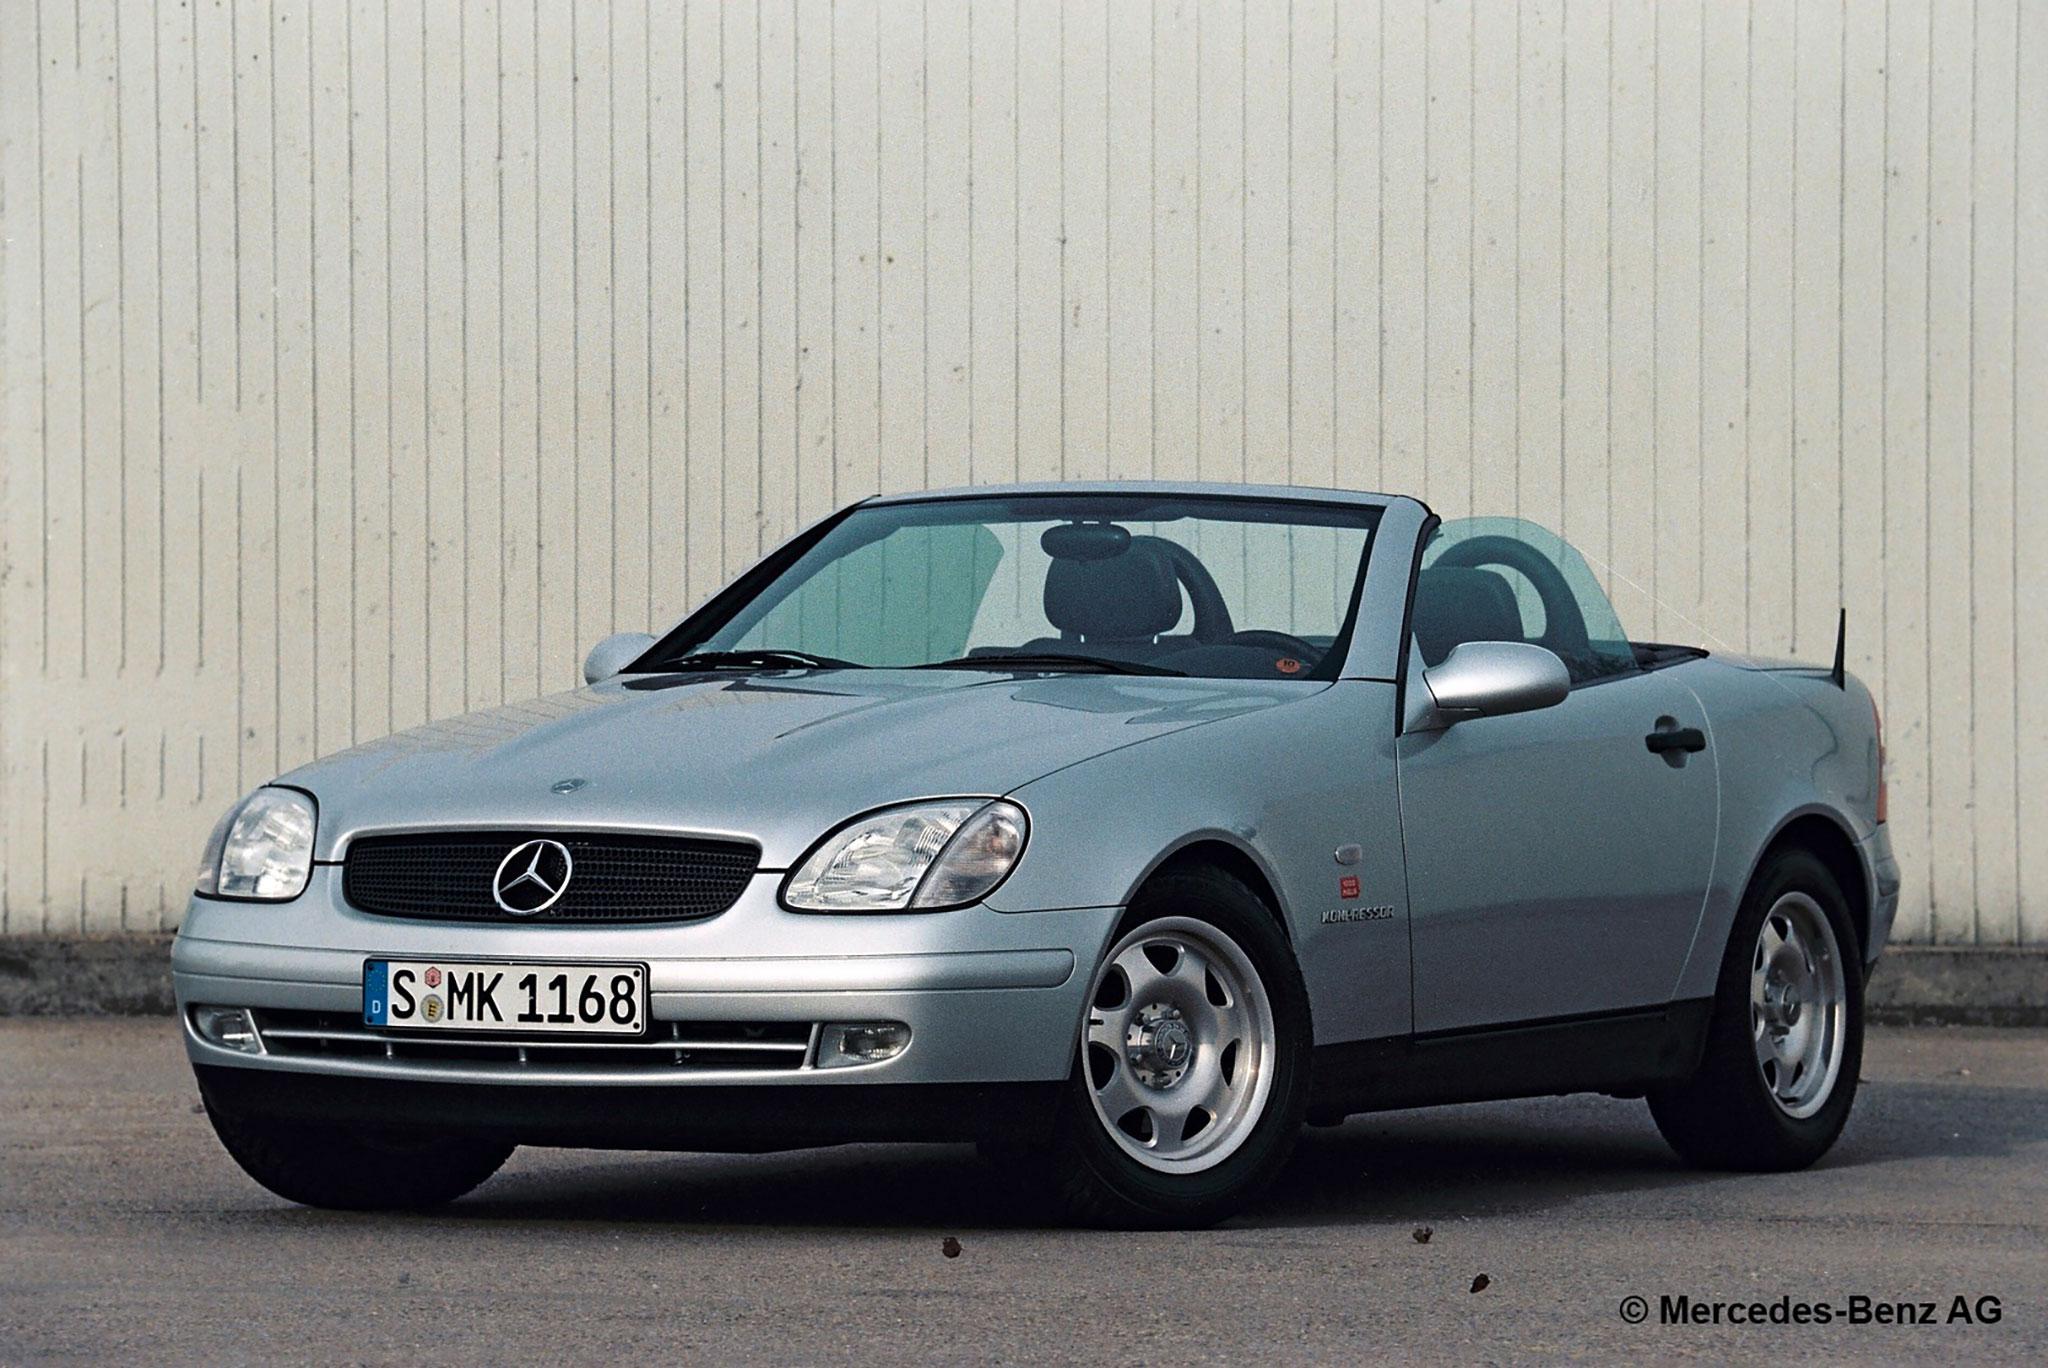 1996-2000 Mercedes-Benz SLK 230 Mercedes-Benz Archives. Marché de la Voiture de Collection.